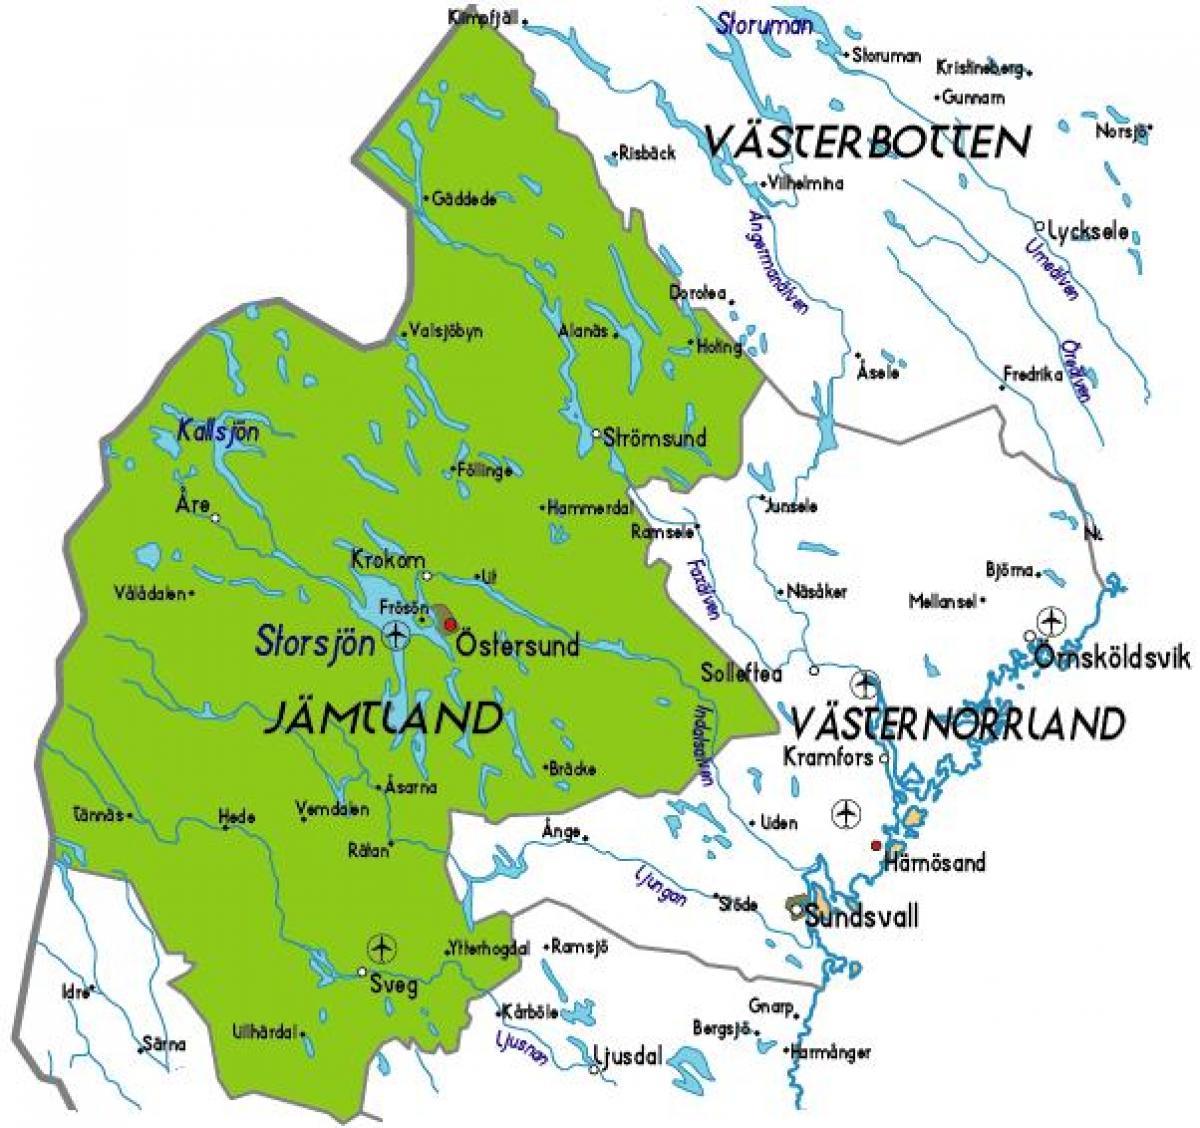 kart jämtland Jamtland i Sverige kart   Kart over Jamtland i Sverige (Nord  kart jämtland